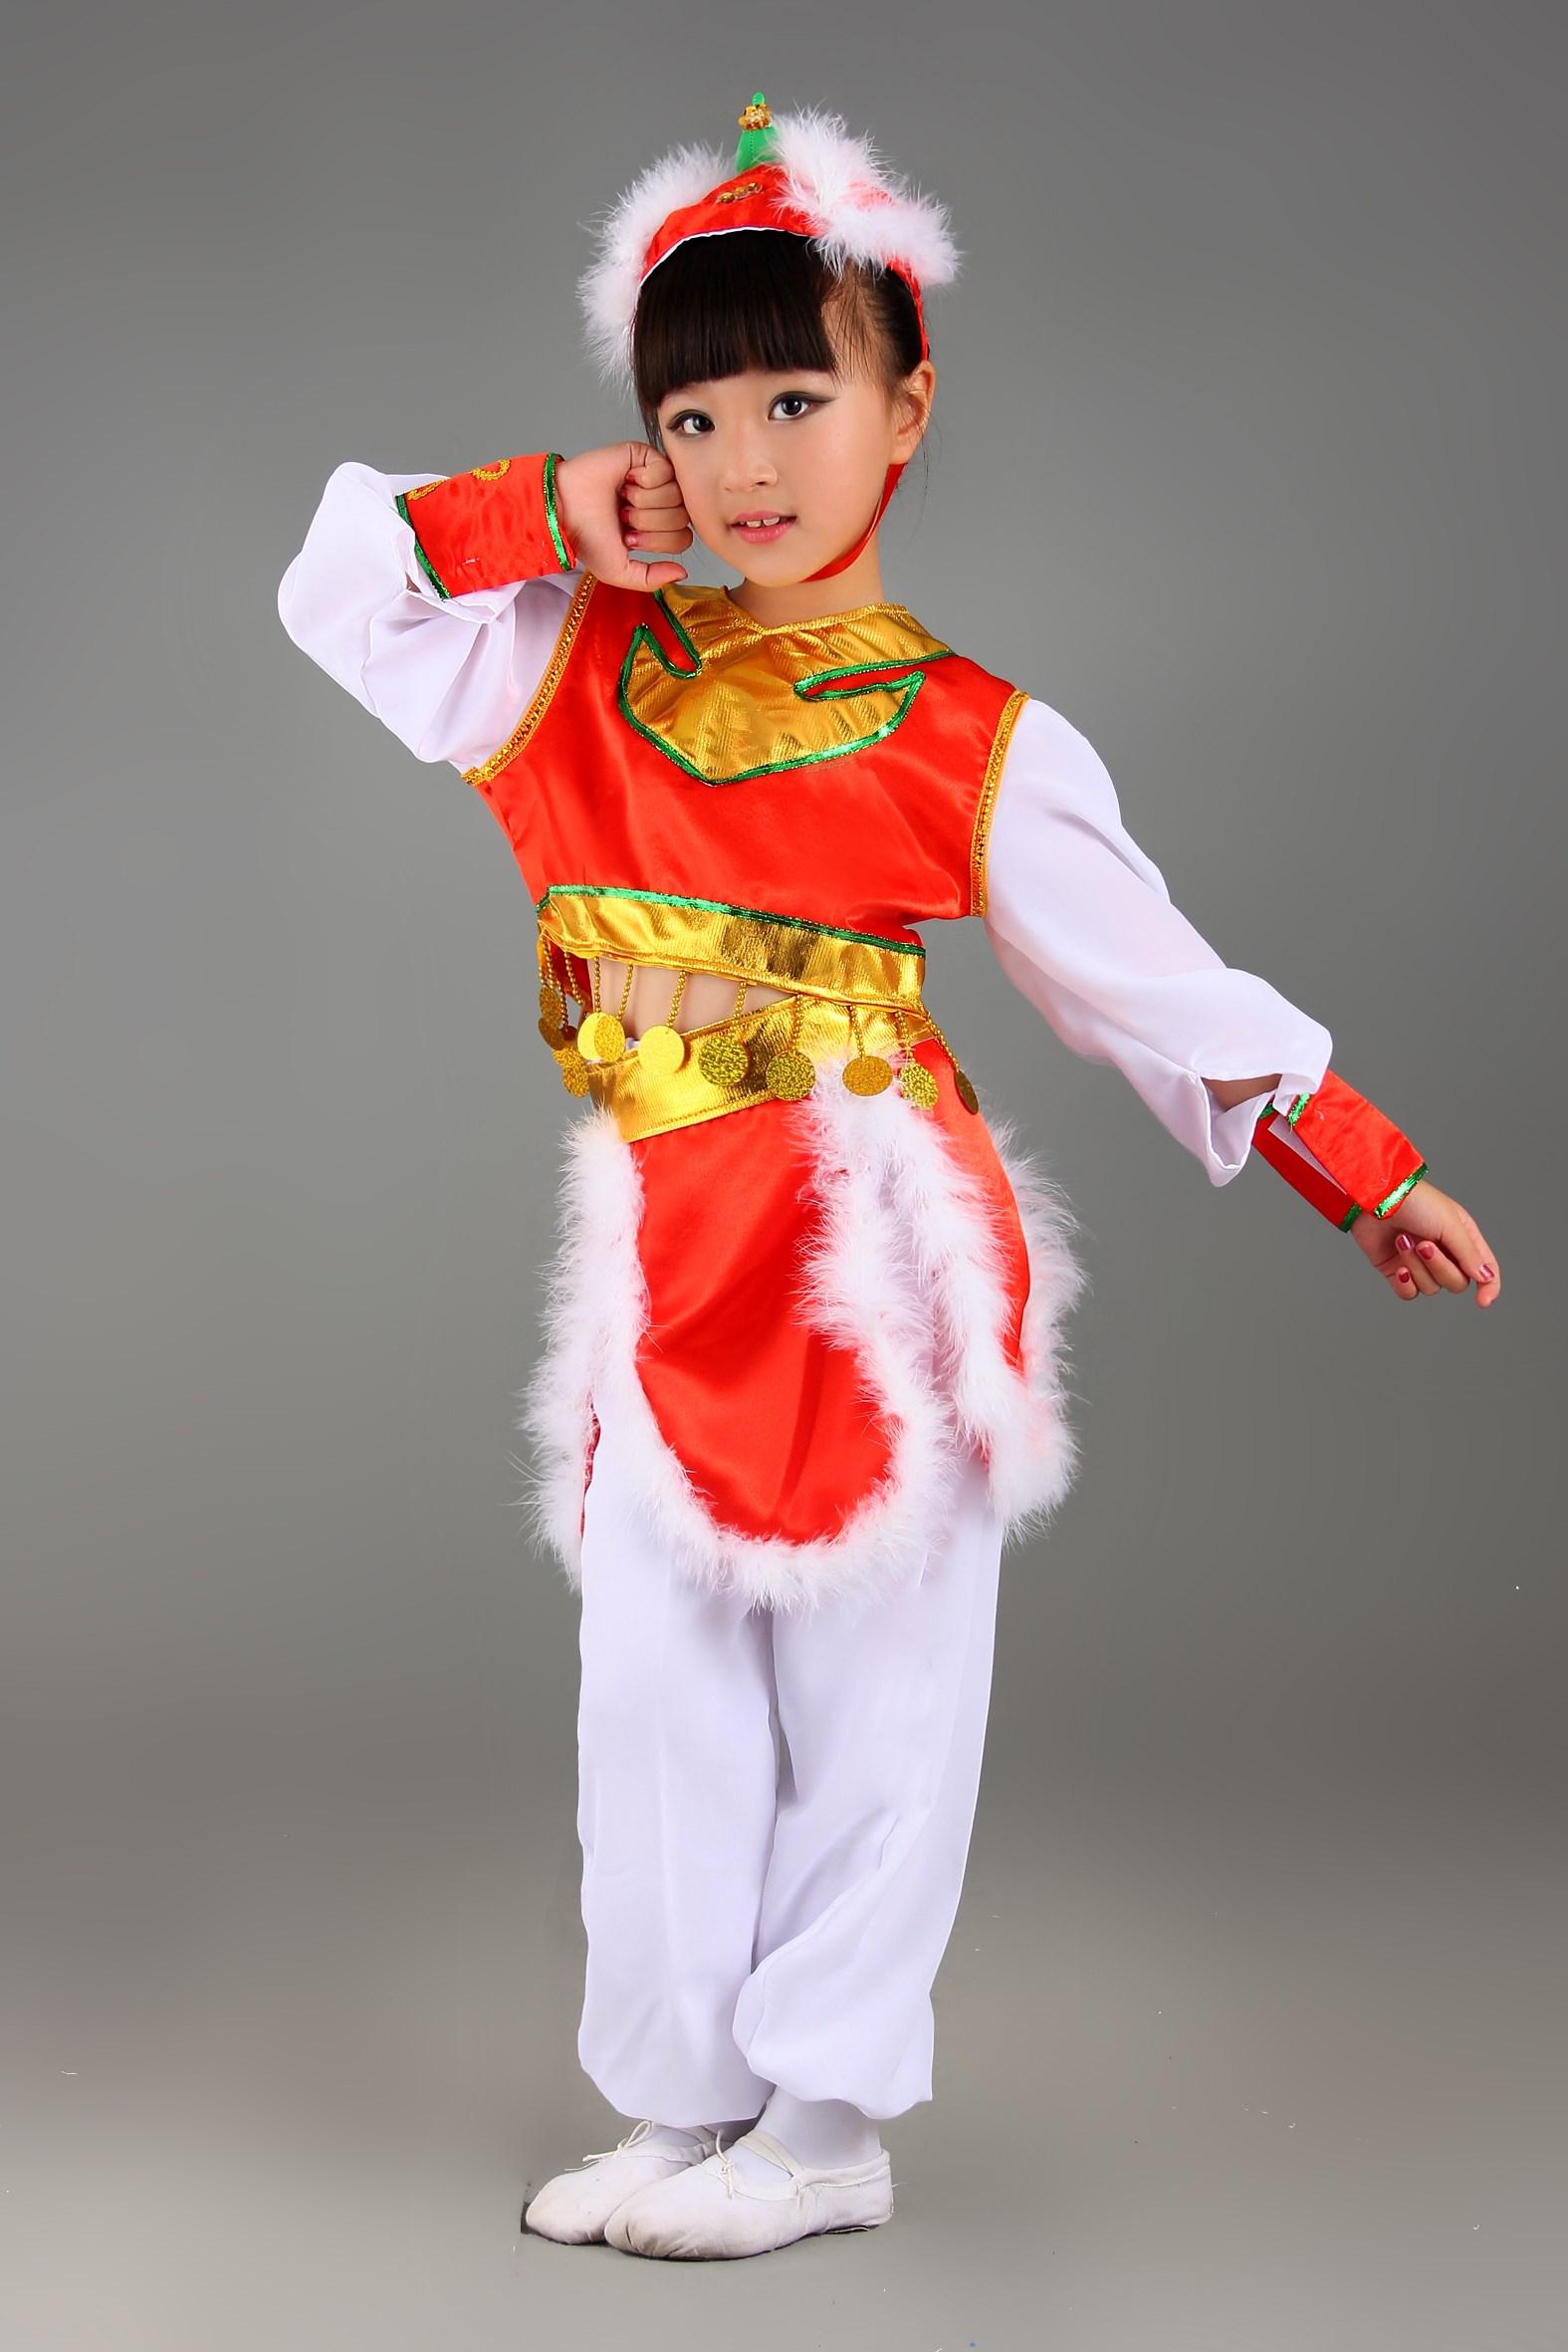 少儿演出服儿童表演服民族蒙族女童筷子舞蹈服幼儿蒙古舞服装裙装图片图片